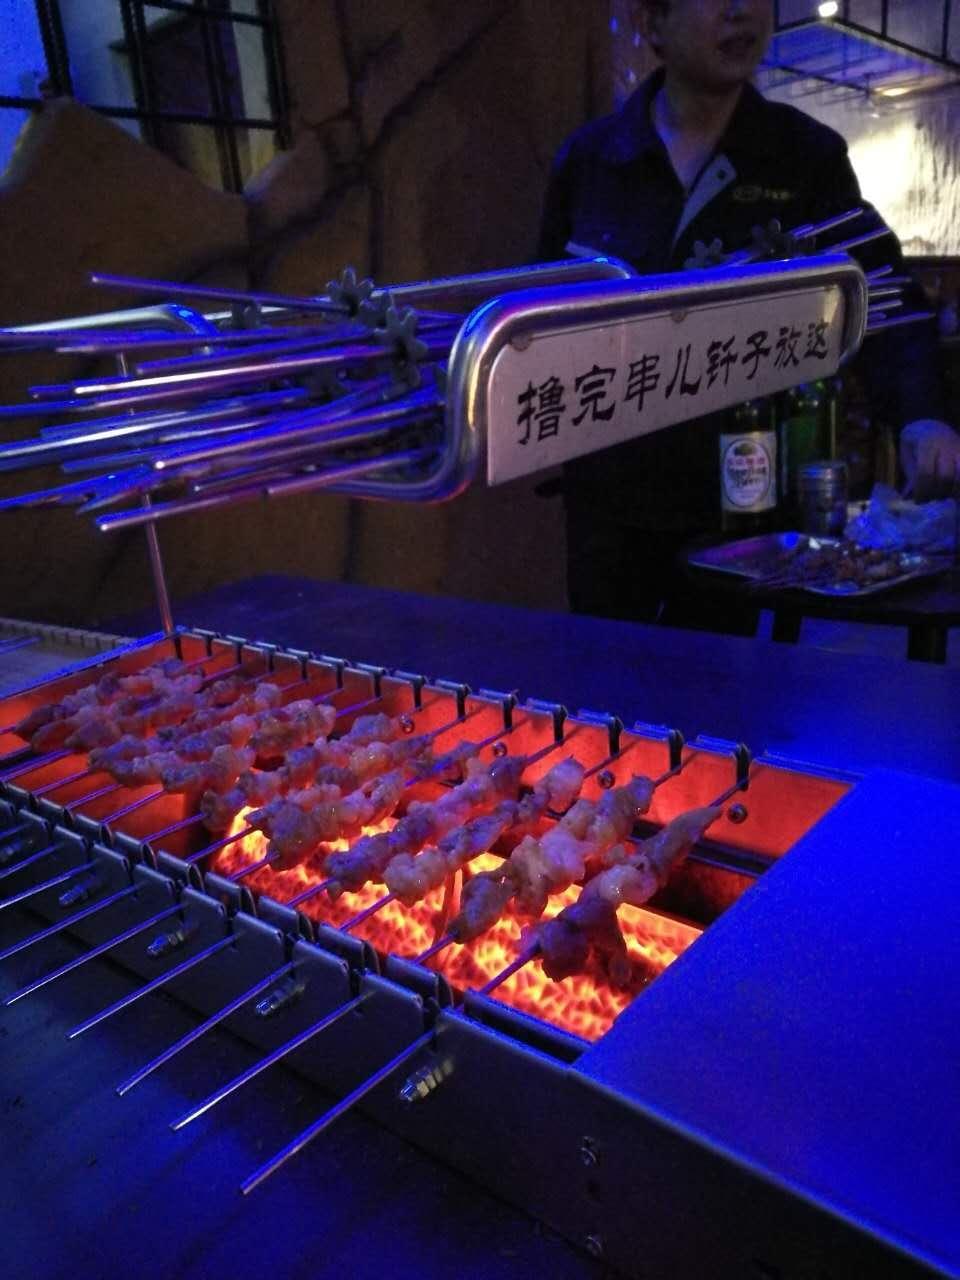 自动烤串机,自动烧烤机,自动烤串机设备,